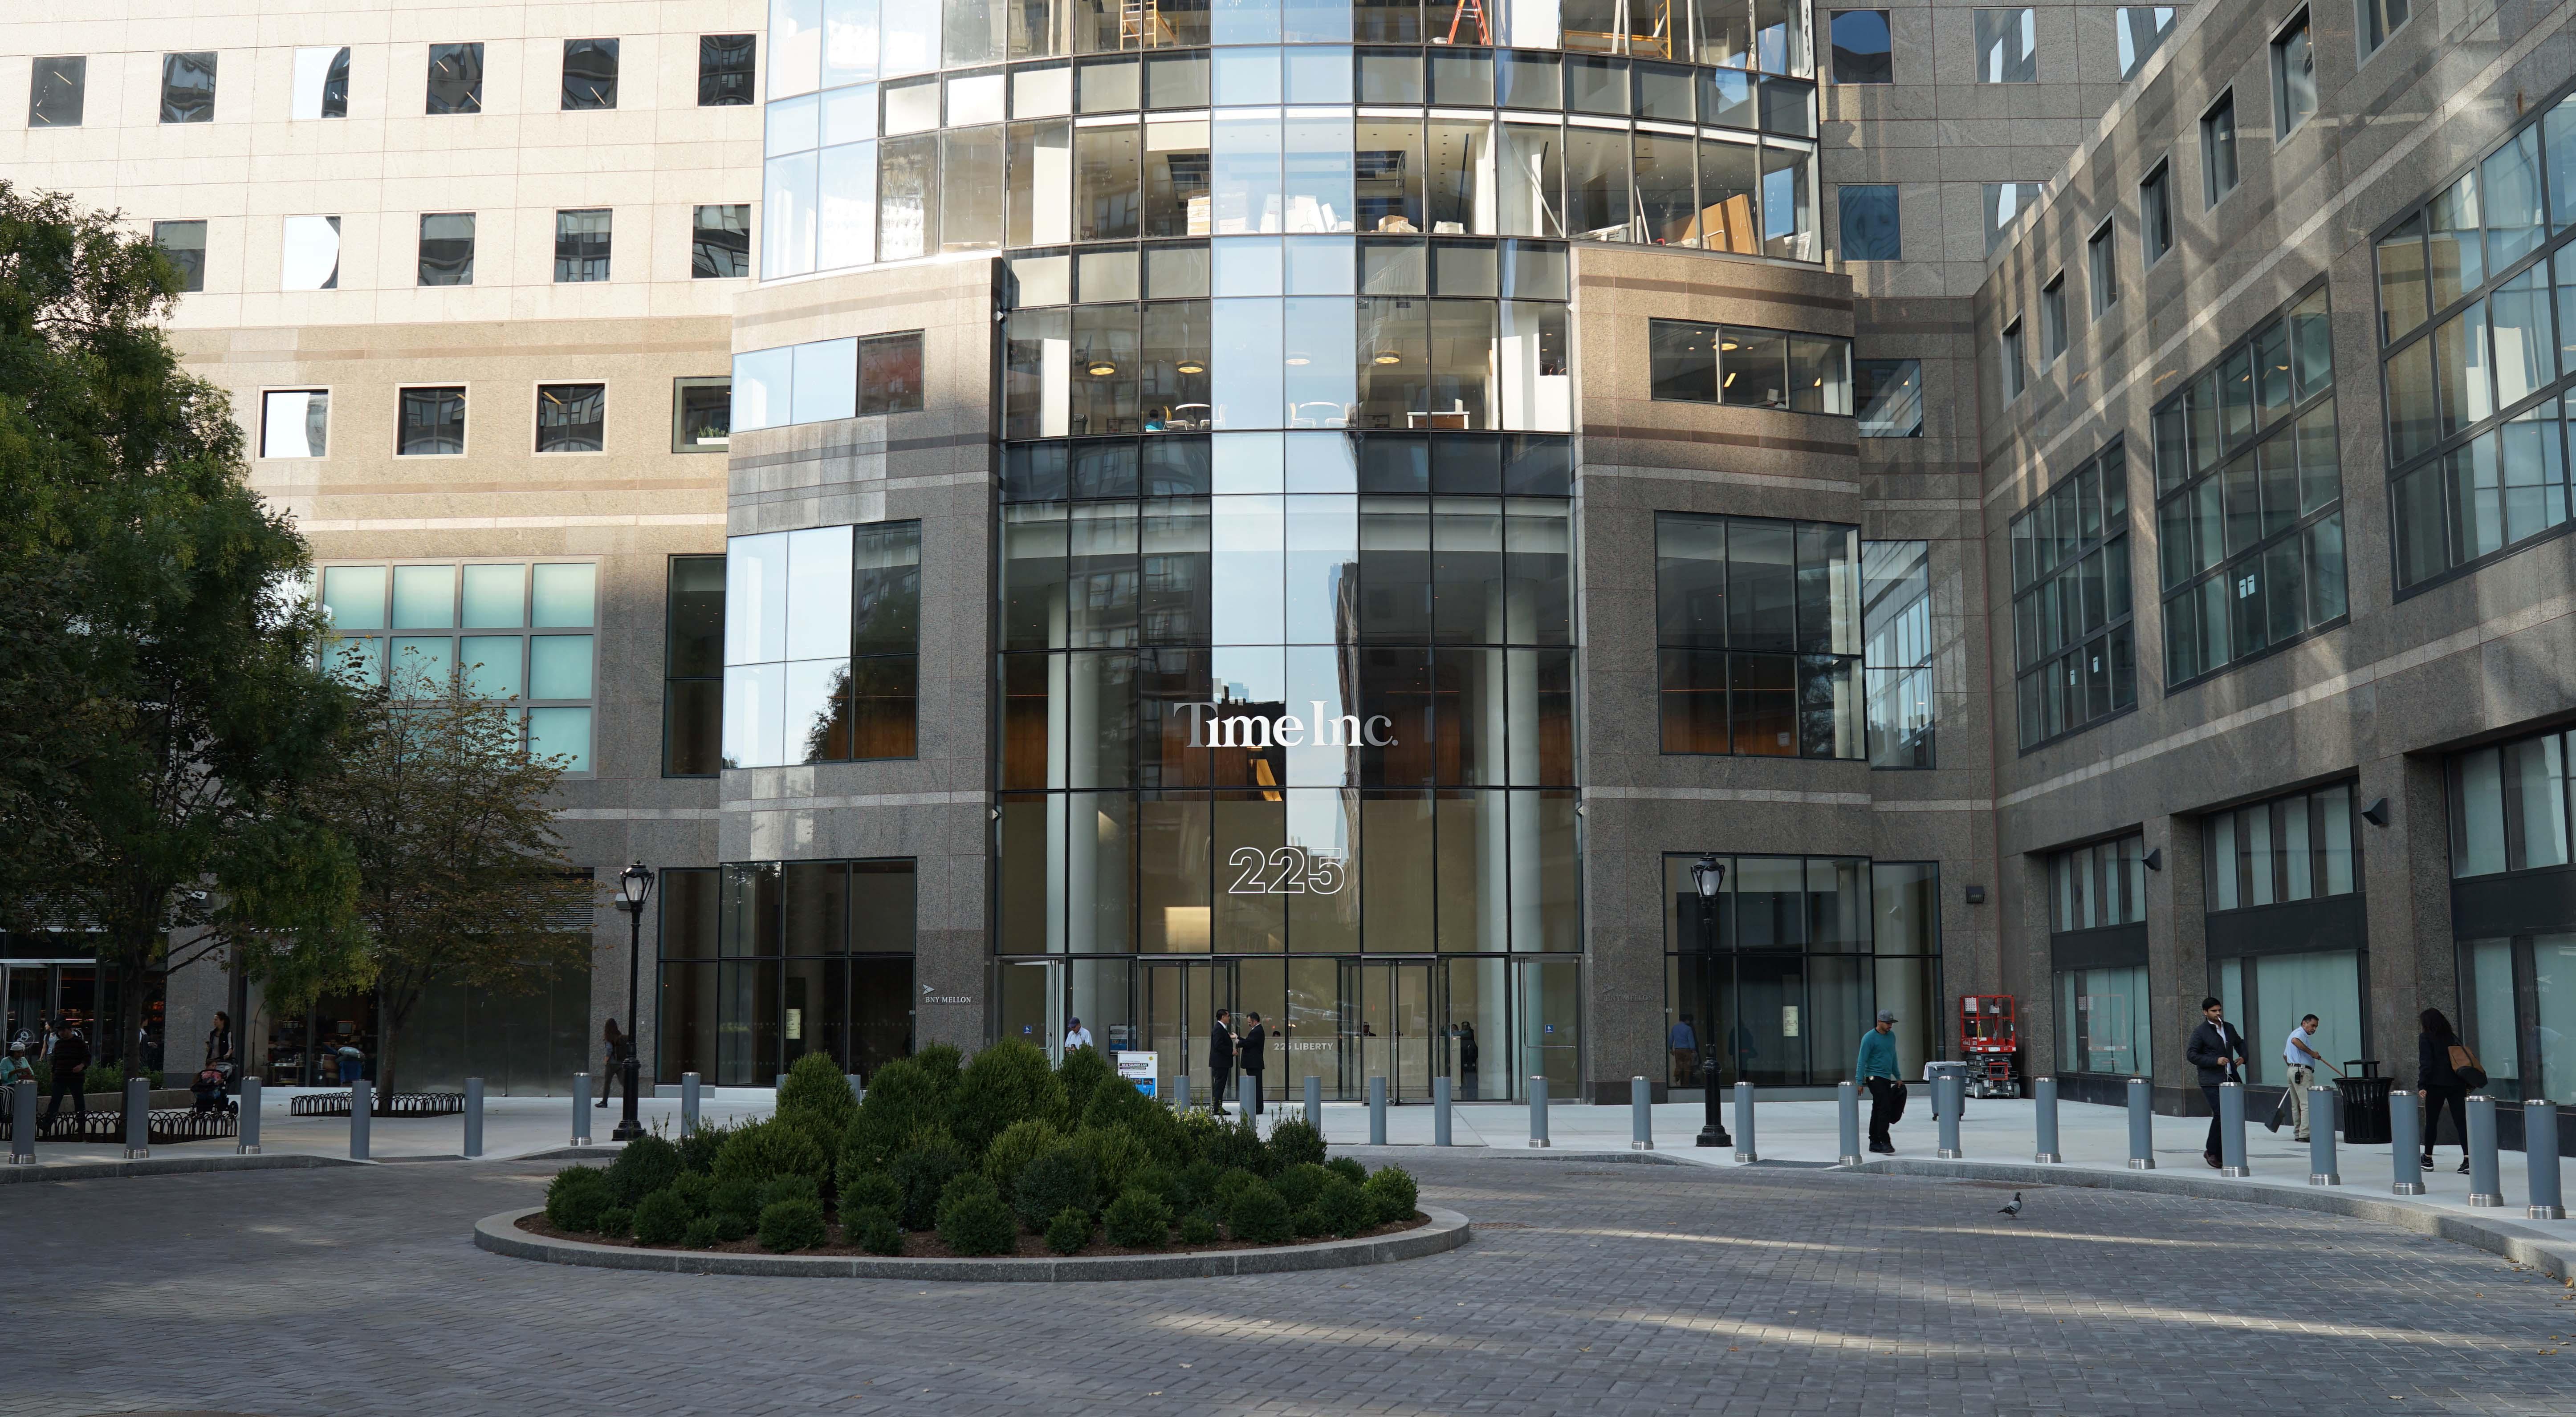 Time Inc sign 225 Liberty